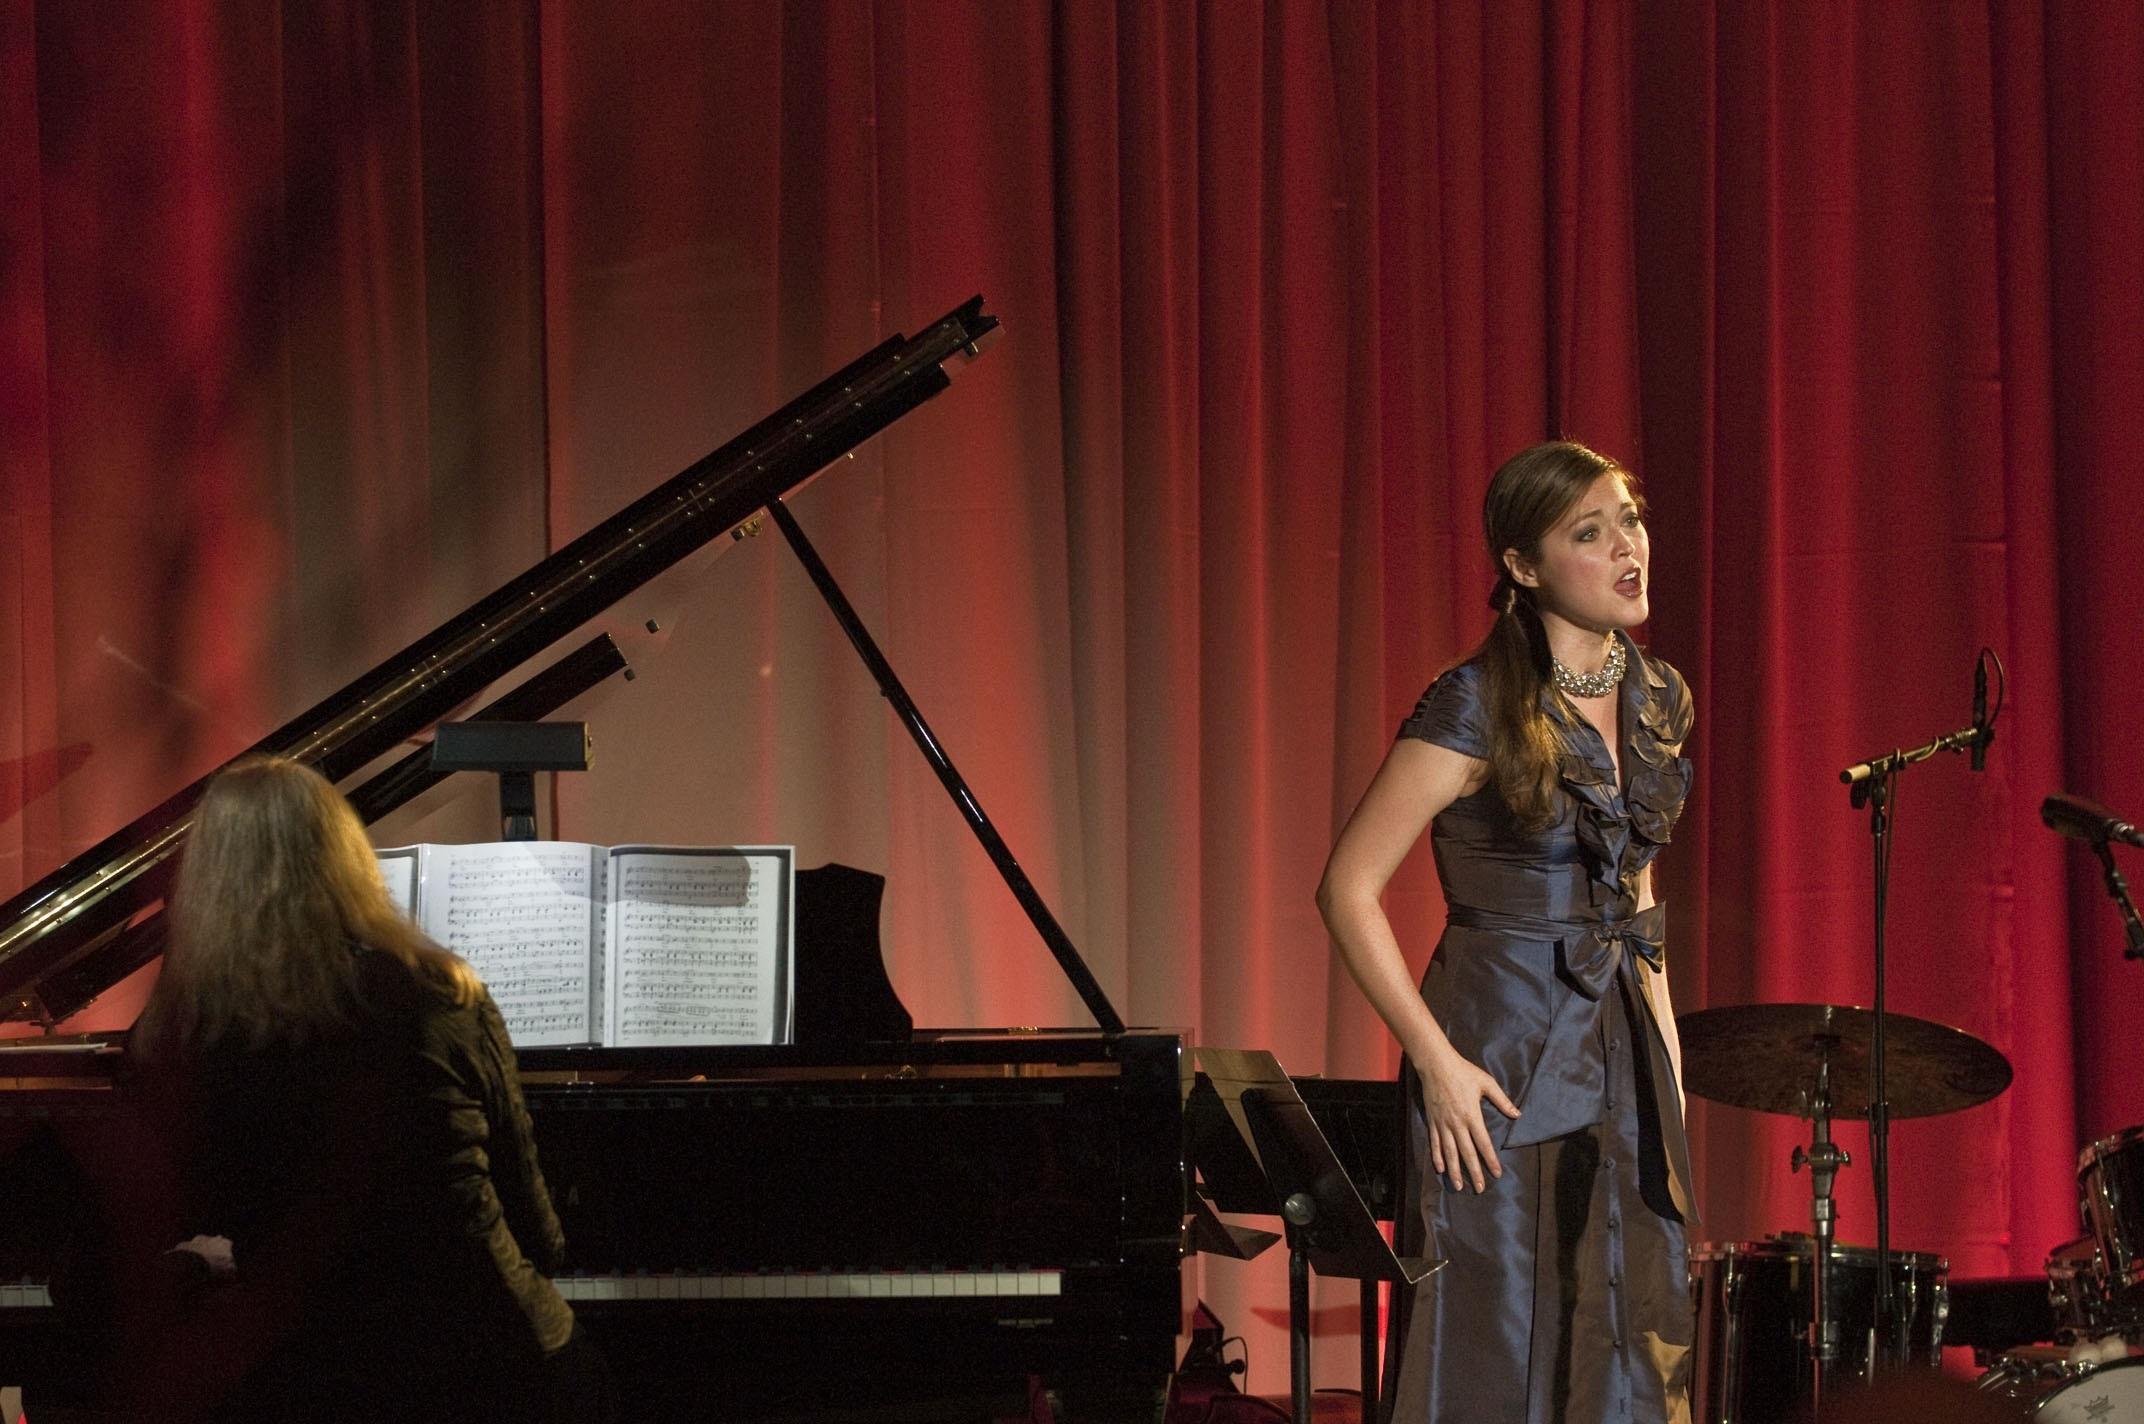 Photo: Opera Singer Book Charity Tillemann-Dick